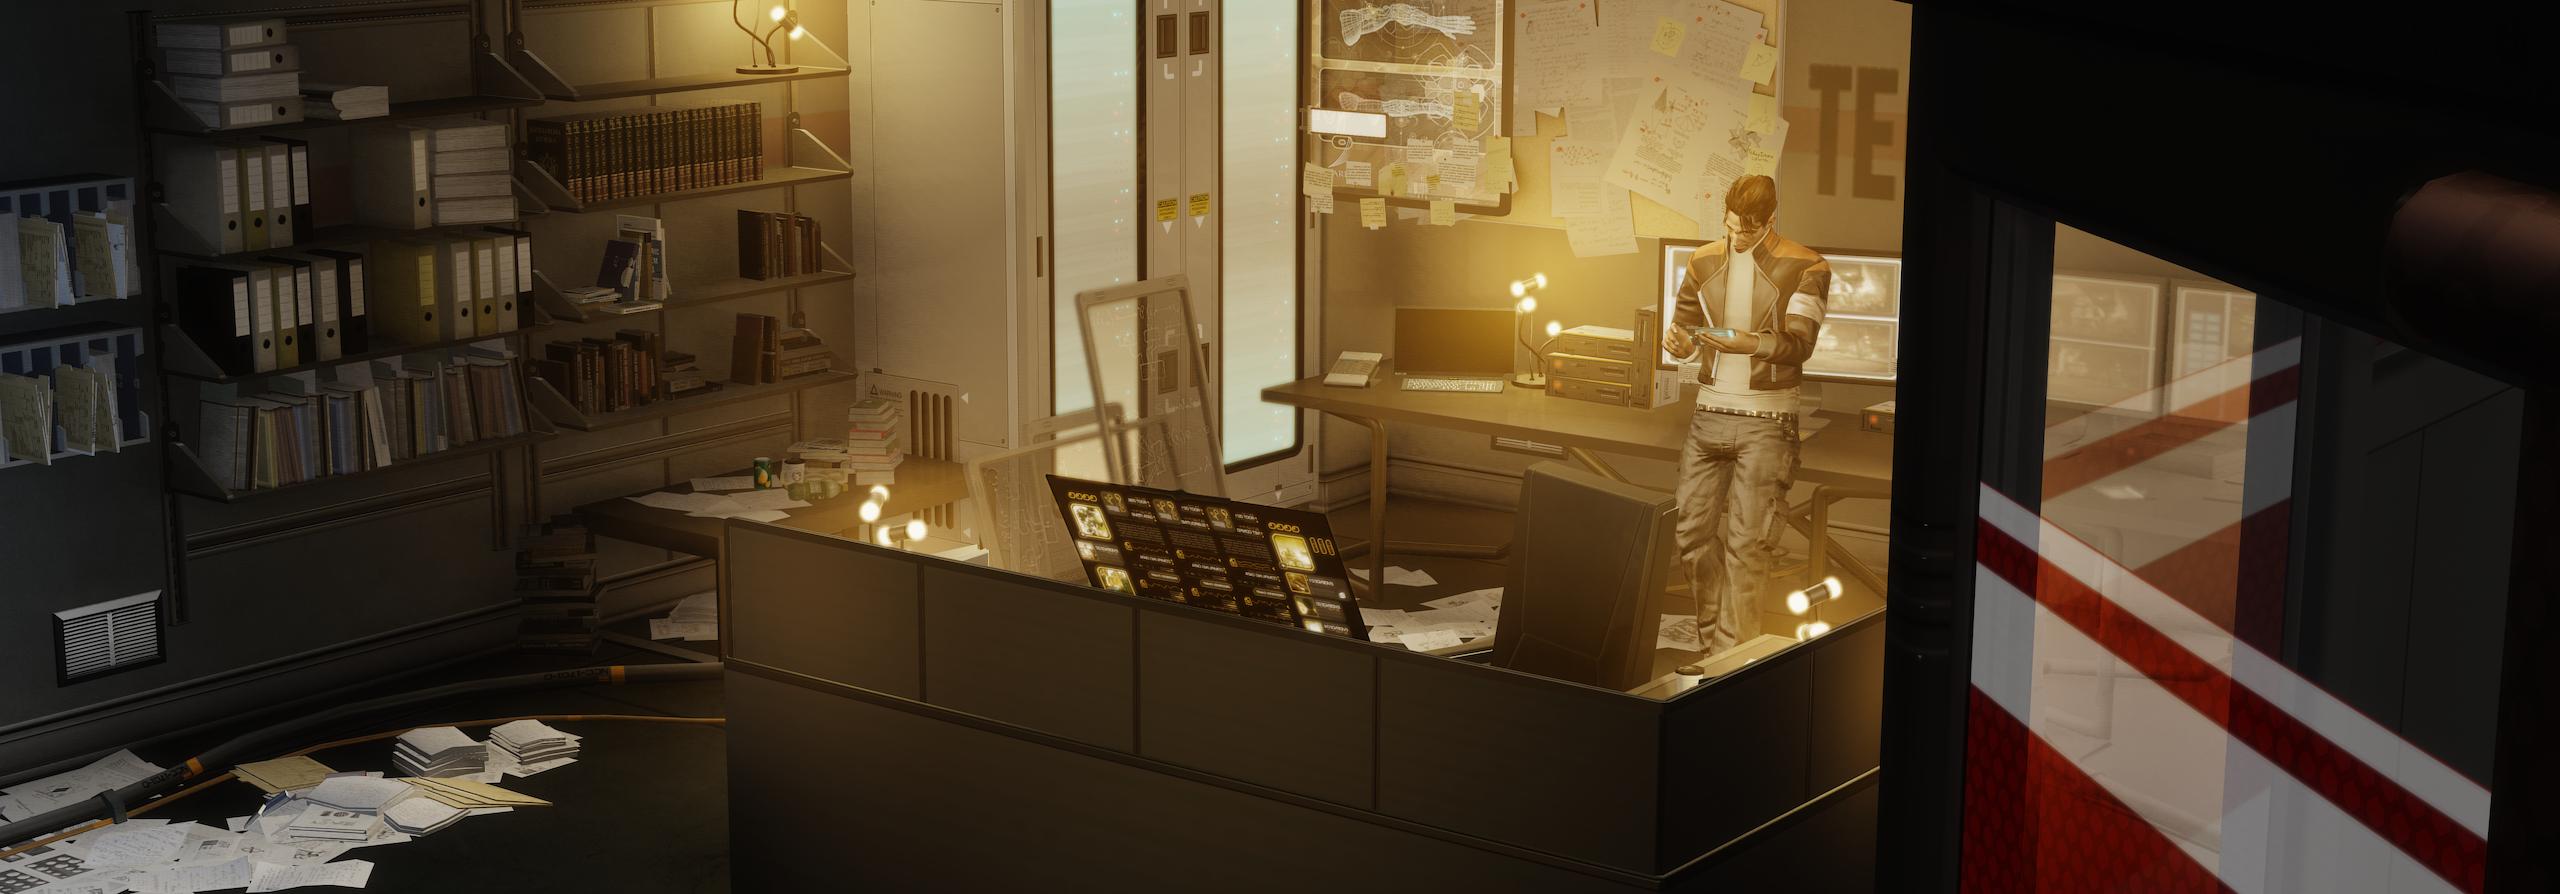 capeconnectionalt.png - Deus Ex: Human Revolution